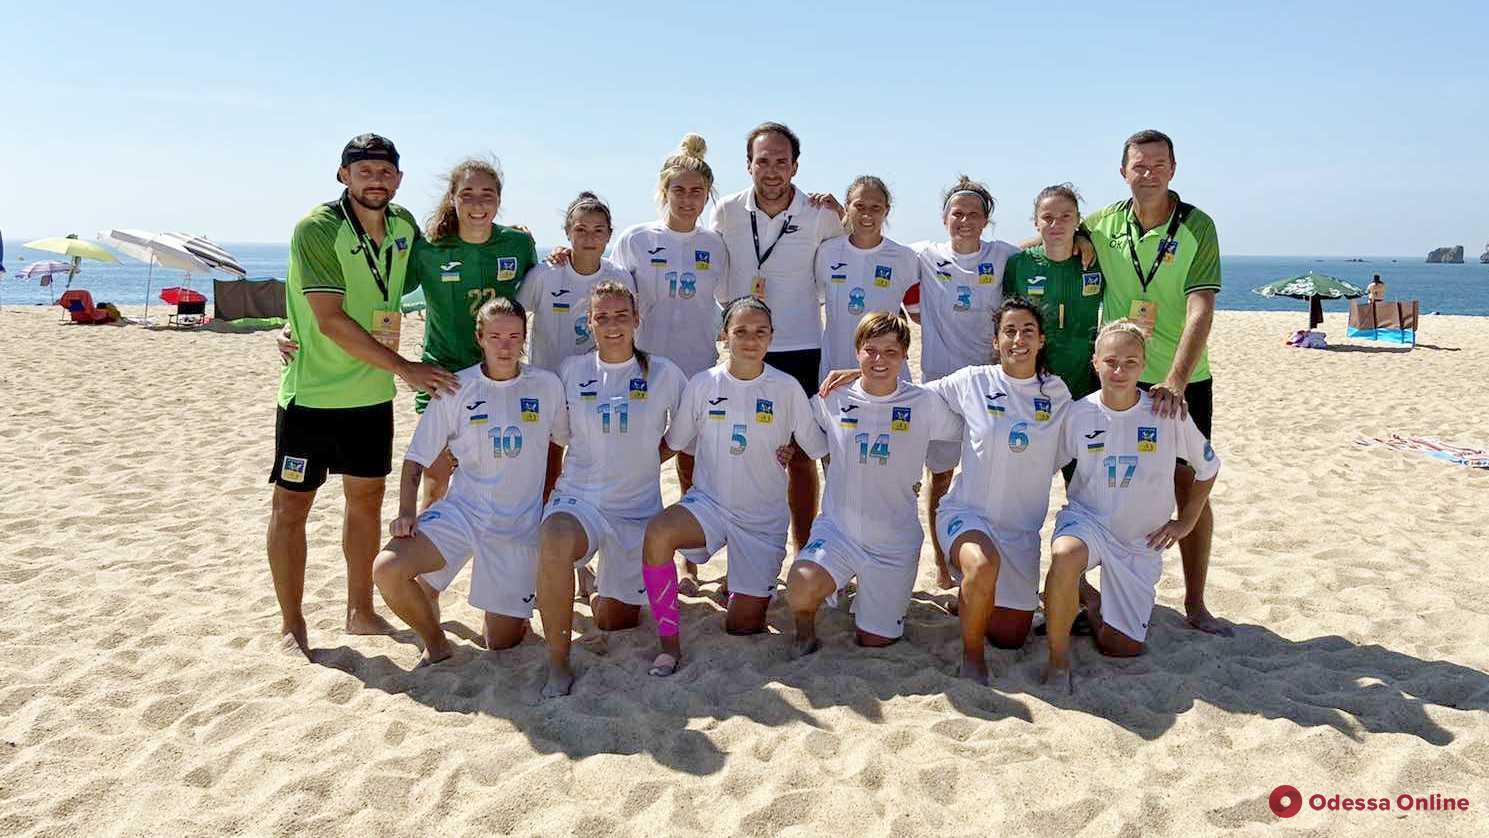 Пляжный футбол: ананьевская «Мрія-2006» досадно уступает в Португалии